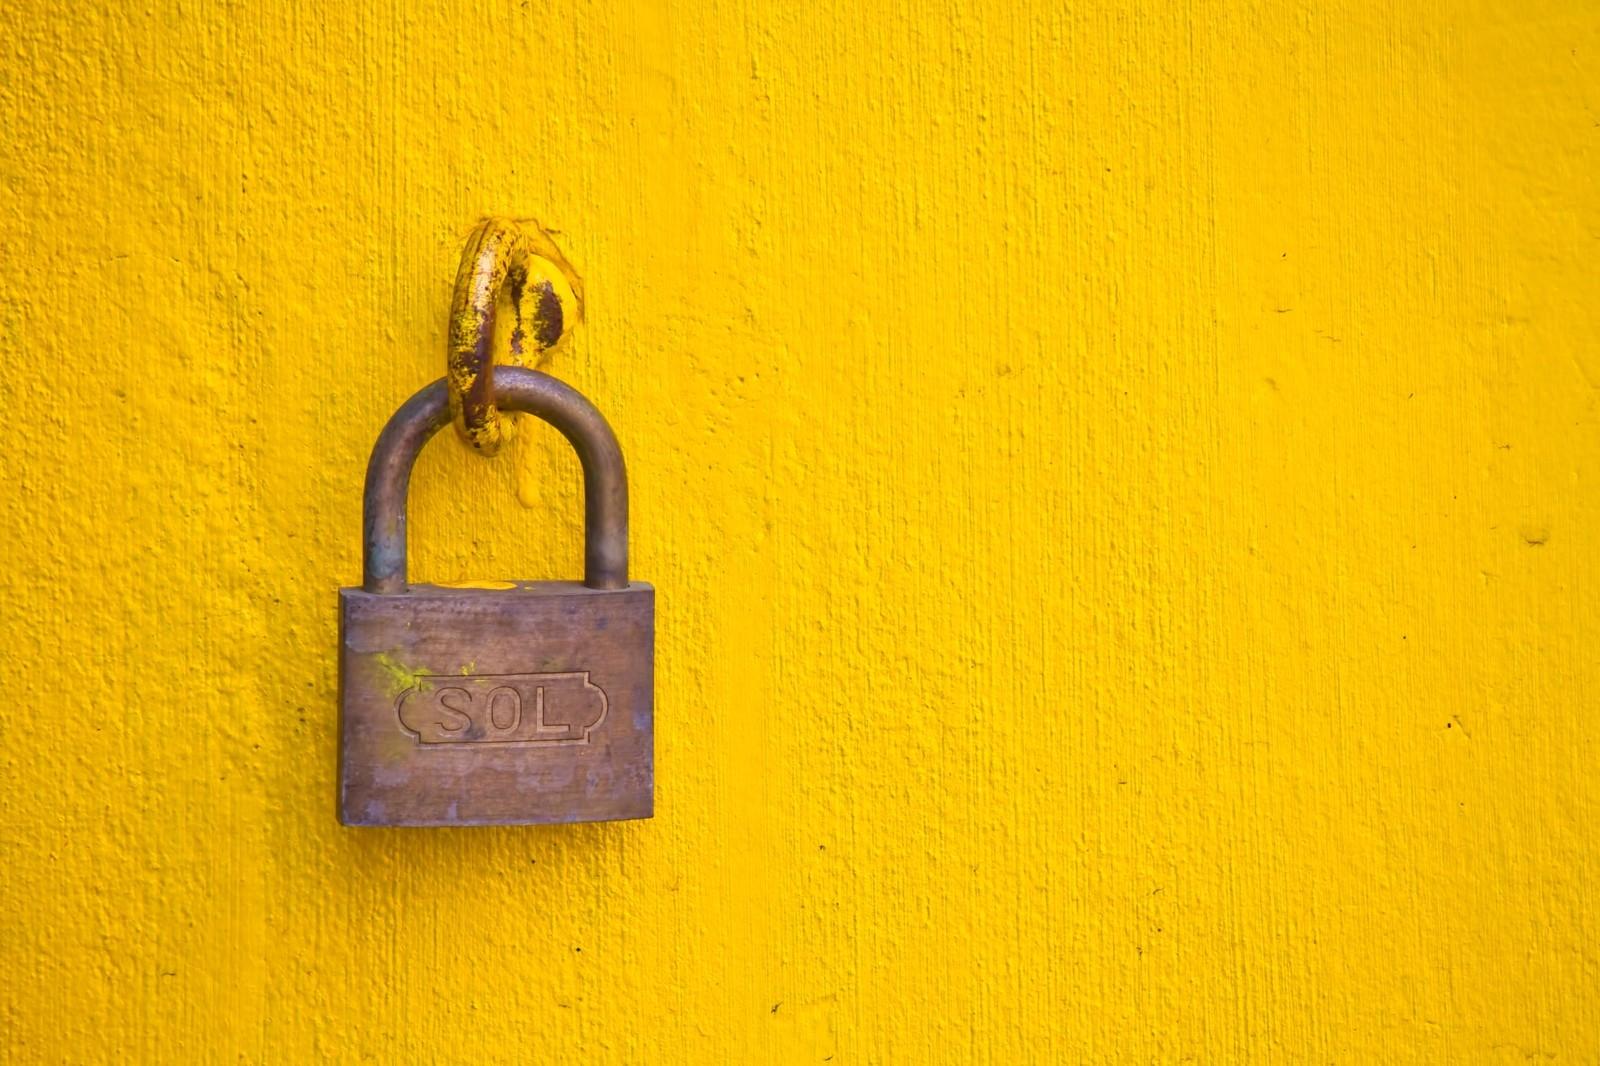 HTTPSにするSEO上の影響!SSL対応で本当にアクセスは増加する?